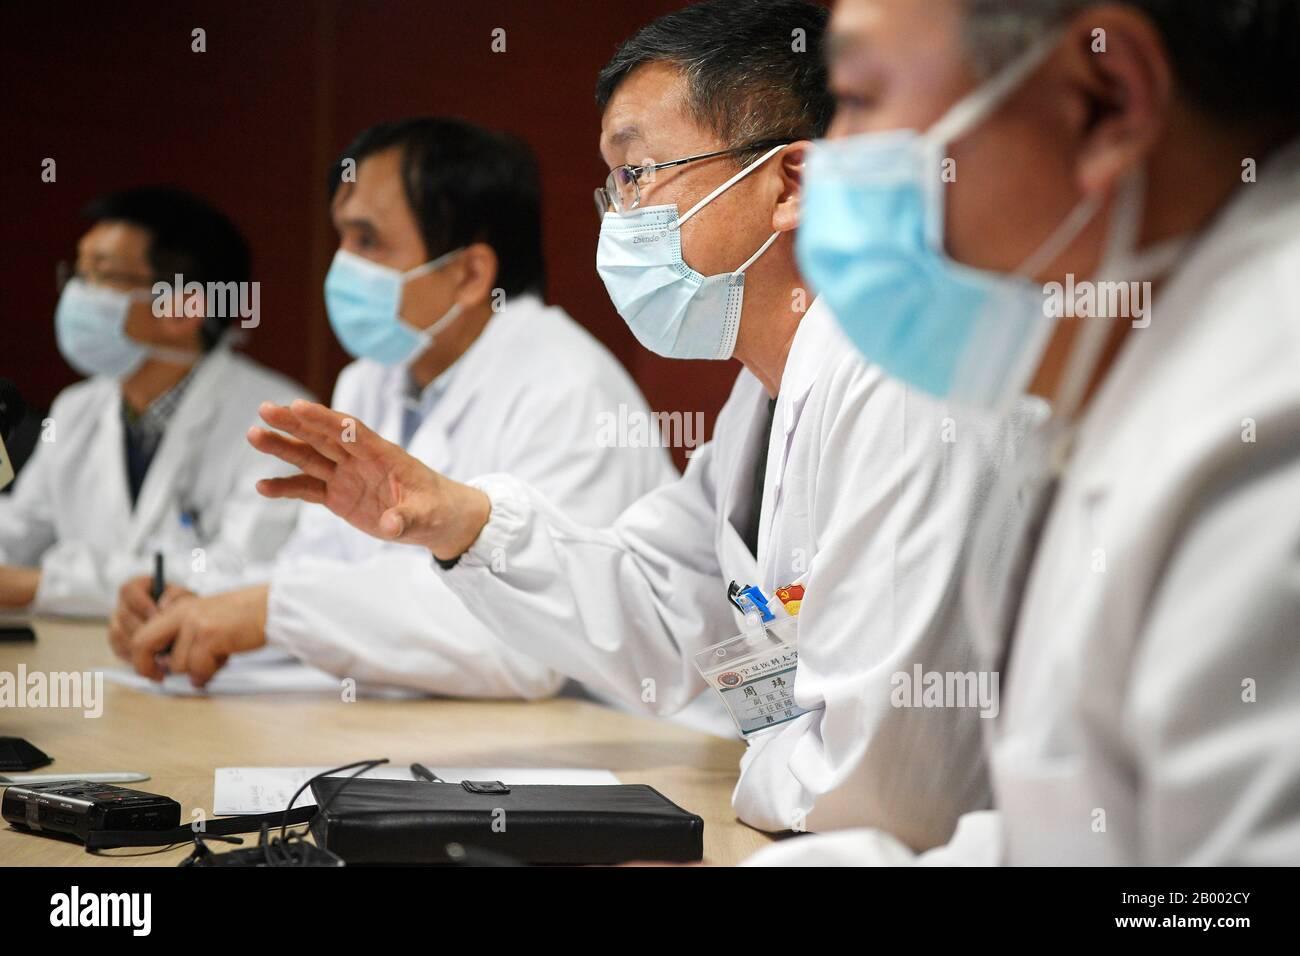 (200218) -- YINCHUAN, 18 février 2020 (Xinhua) -- des spécialistes de l'Hôpital général de l'Université médicale de Ningxia effectuent un diagnostic à distance des nouveaux cas d'infection au coronavirus (COVID-19) à l'Hôpital Polytechnique affilié de Xiangyang dans le centre de consultation médicale à l'Hôpital général de Ningxia de l'Université médicale de Ychinuan, en Chine centrale Région Autonome De Ningxia Hui En Chine Du Nord-Ouest, 17 Février 2020. L'Hôpital général de l'Université médicale de Ningxia a lancé lundi une téléconsultation auprès des patients infectés par le nouveau coronavirus au Xiangyang Polytech Banque D'Images